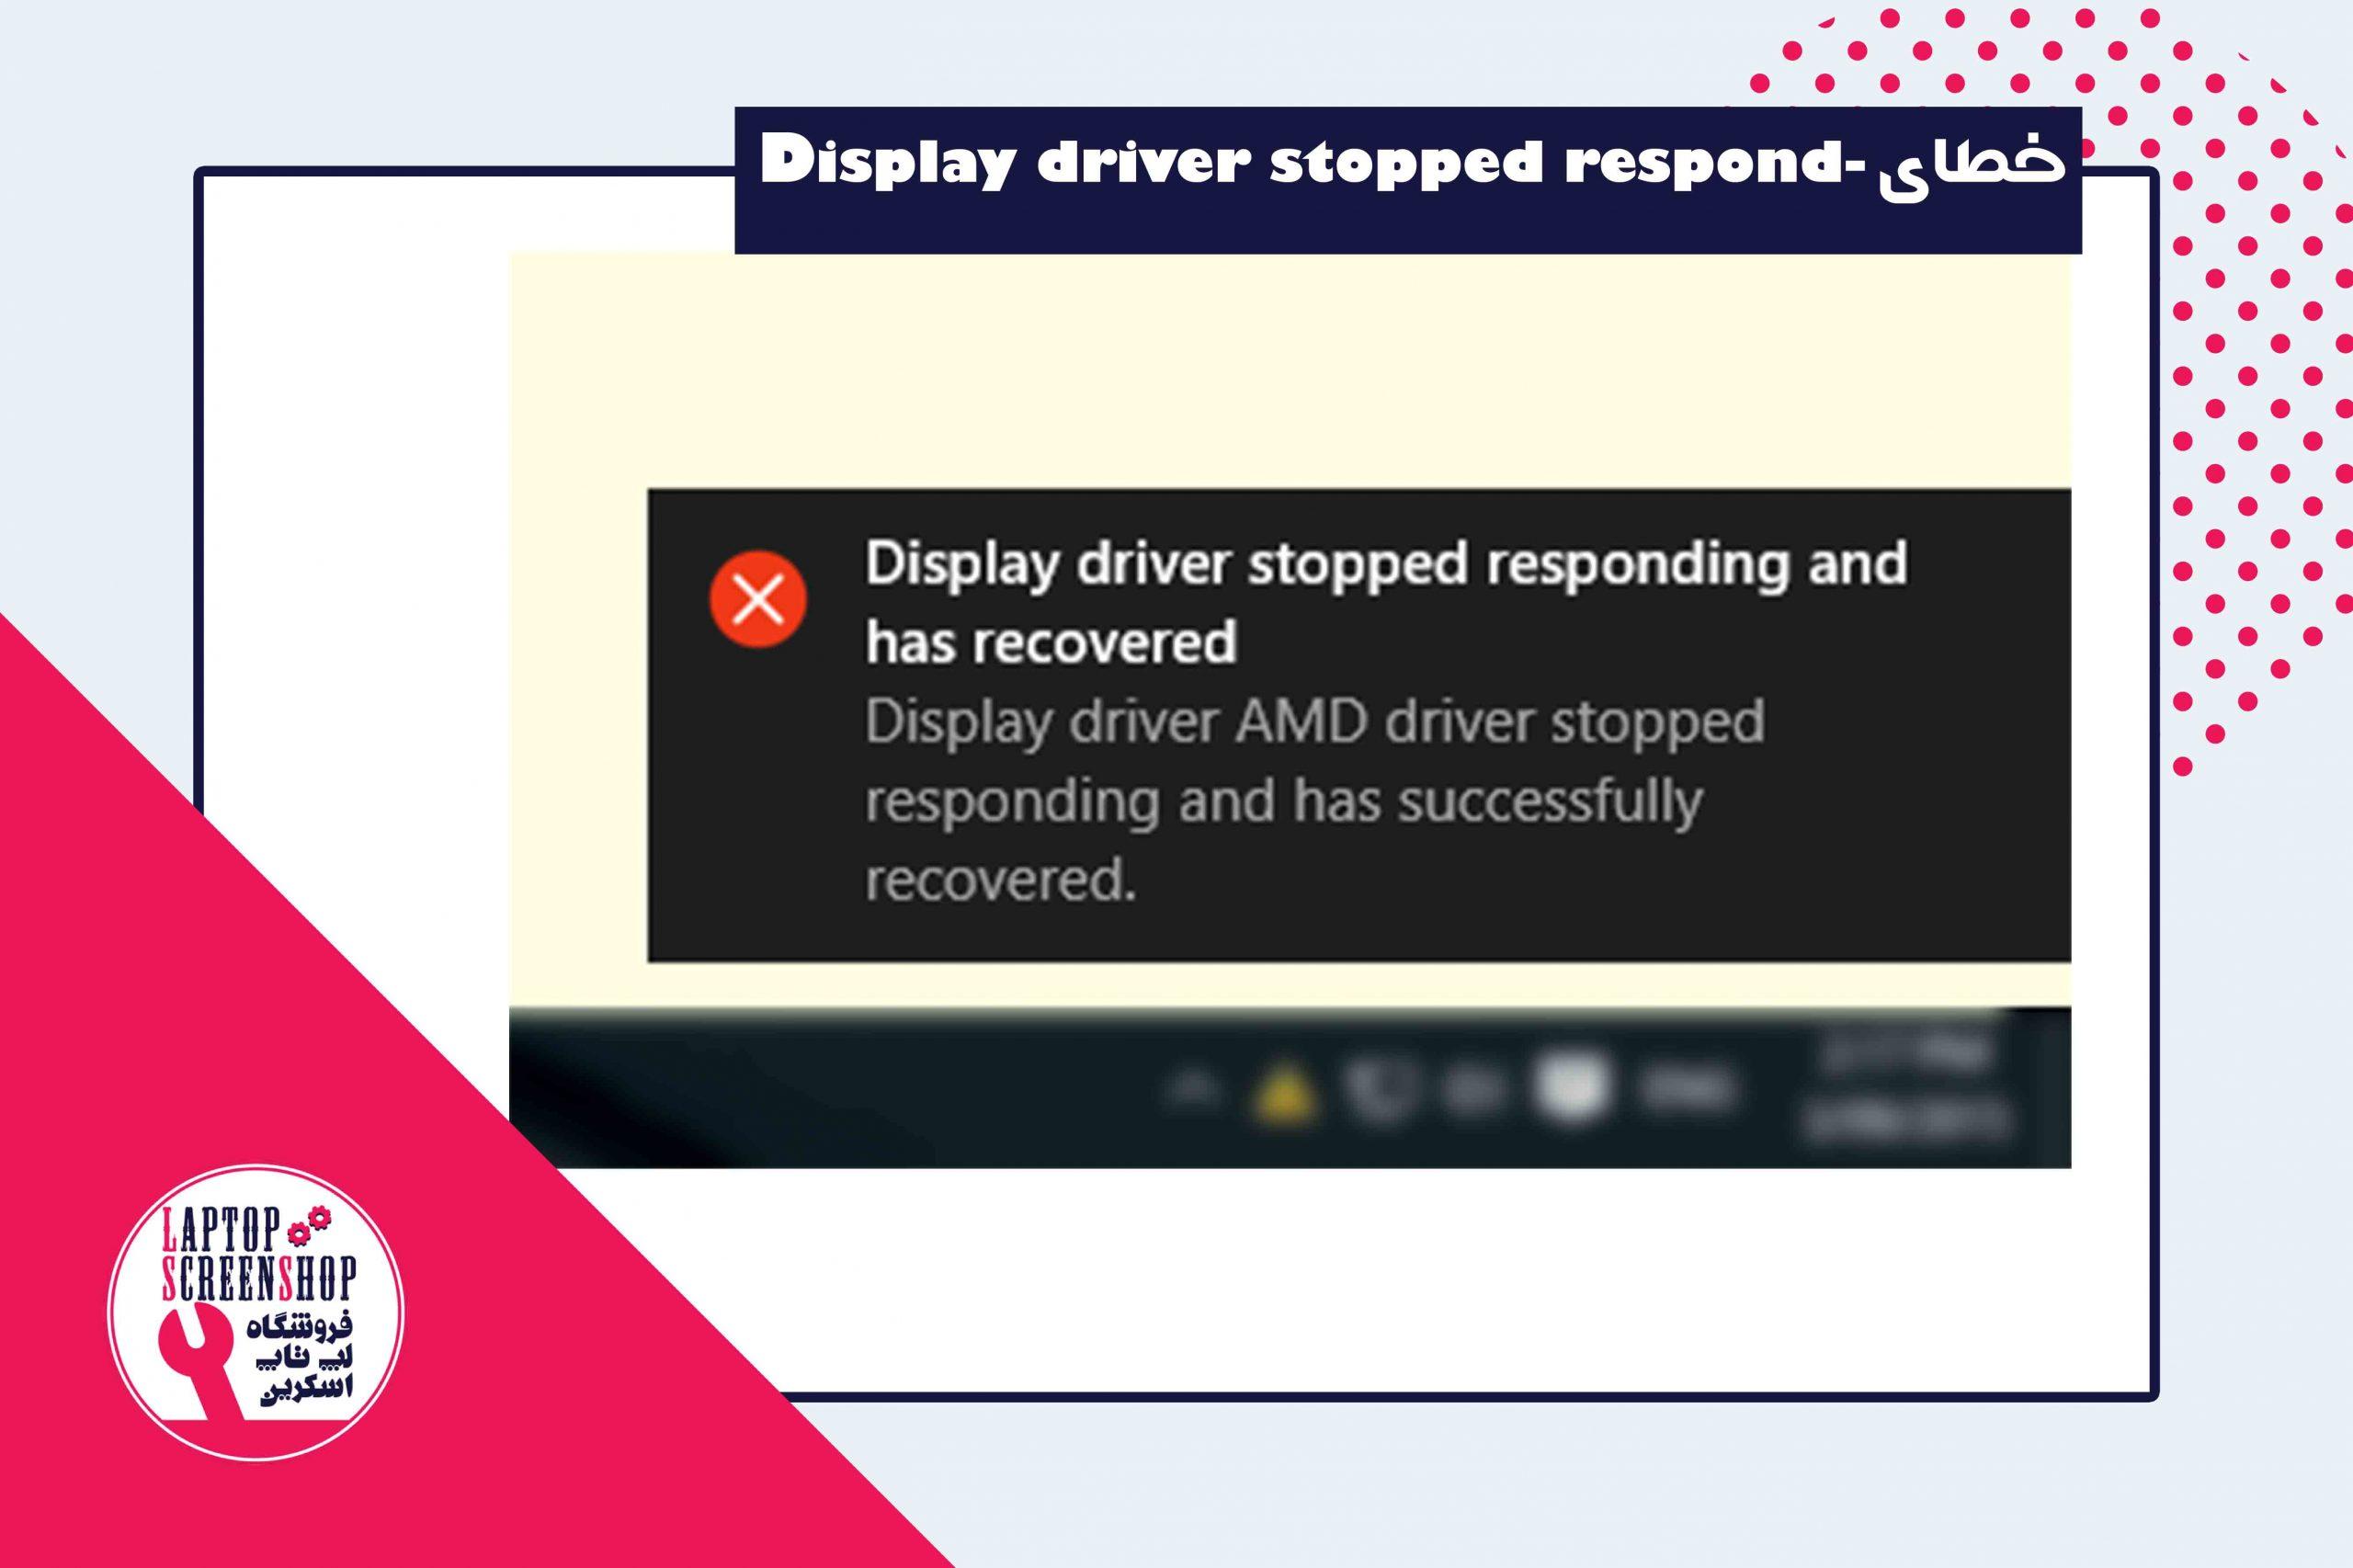 خطایDisplay driver stopped responding and has recovered| فروشگاه لپ تاپ اسکرین| ال سی دی| تعمیرات| تعمیر لپ تاپ| تعمیر گوشی